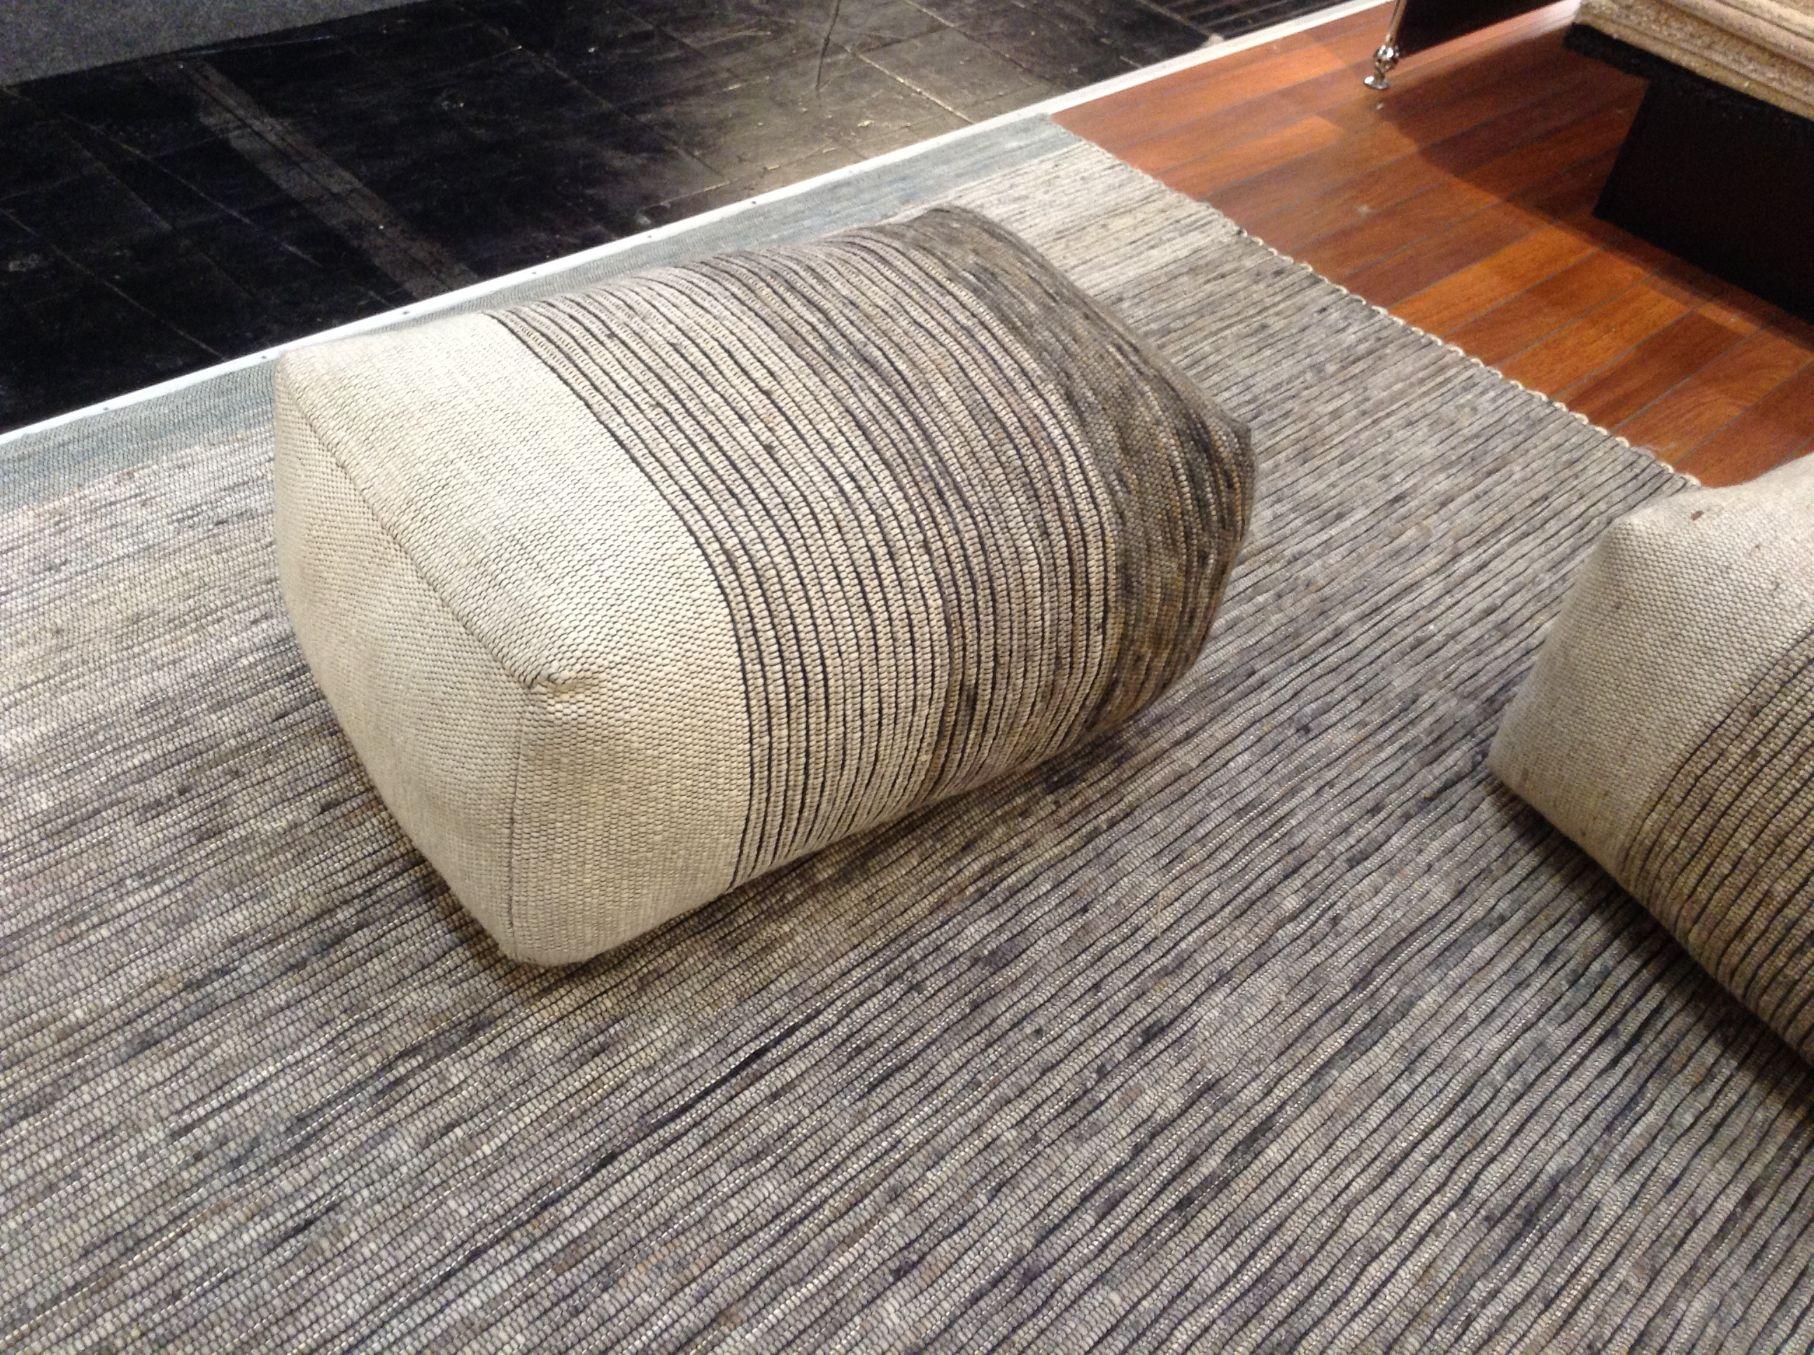 Designer Rugs Brisbane | Art of Rugs | Modern Luxury